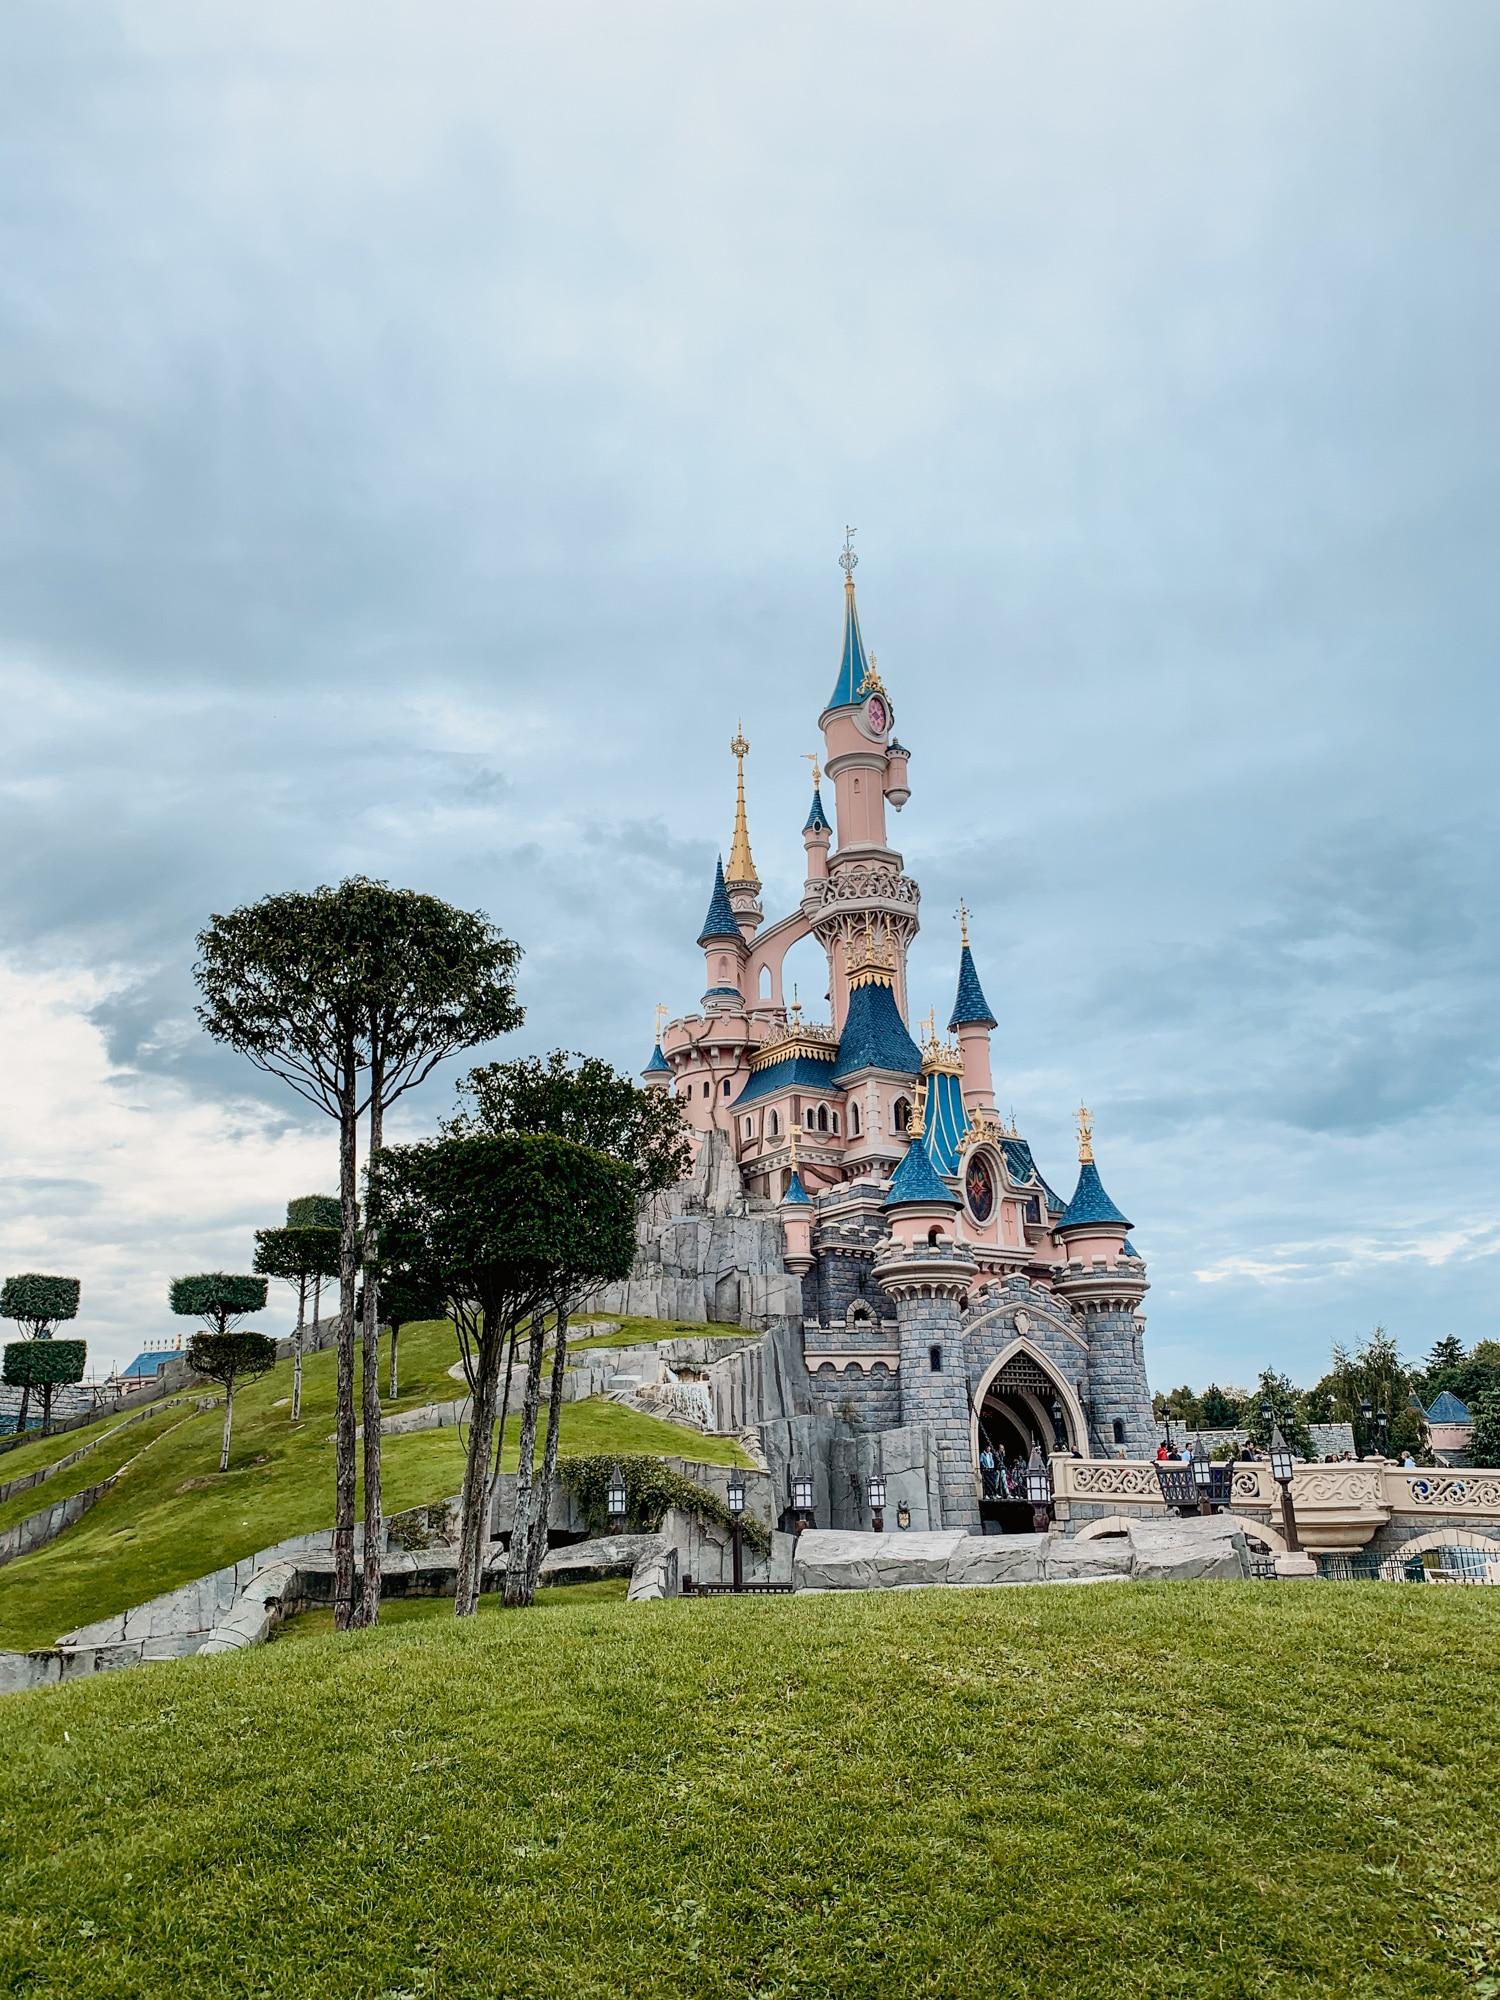 Disneyland Paris Tipps: 10 tolle Hacks für den glücklichsten Ort der Welt - Disneyschloss